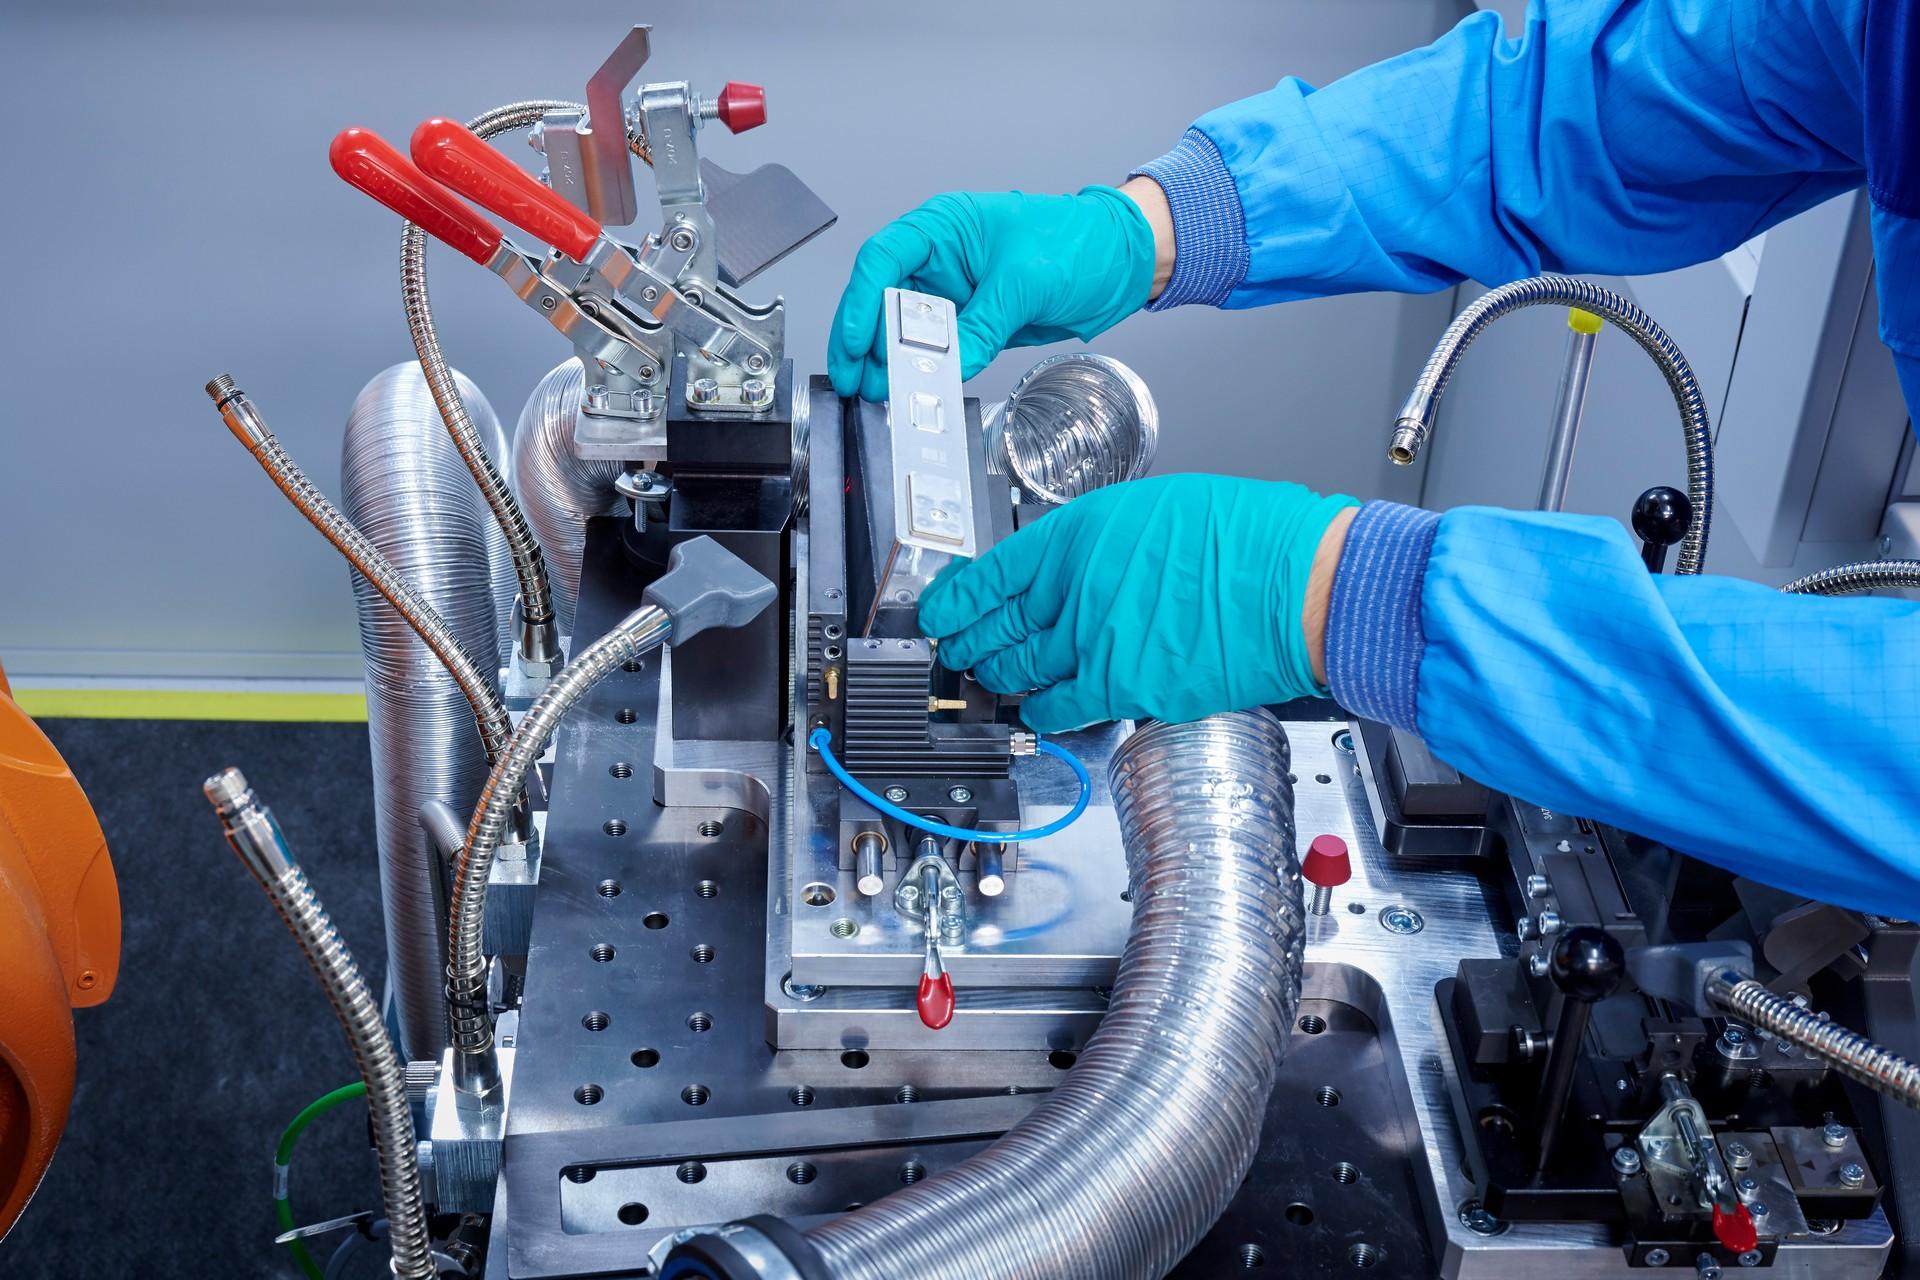 Bmw Dobla Autonomía Baterías Coches Eléctricos Para 2030 4